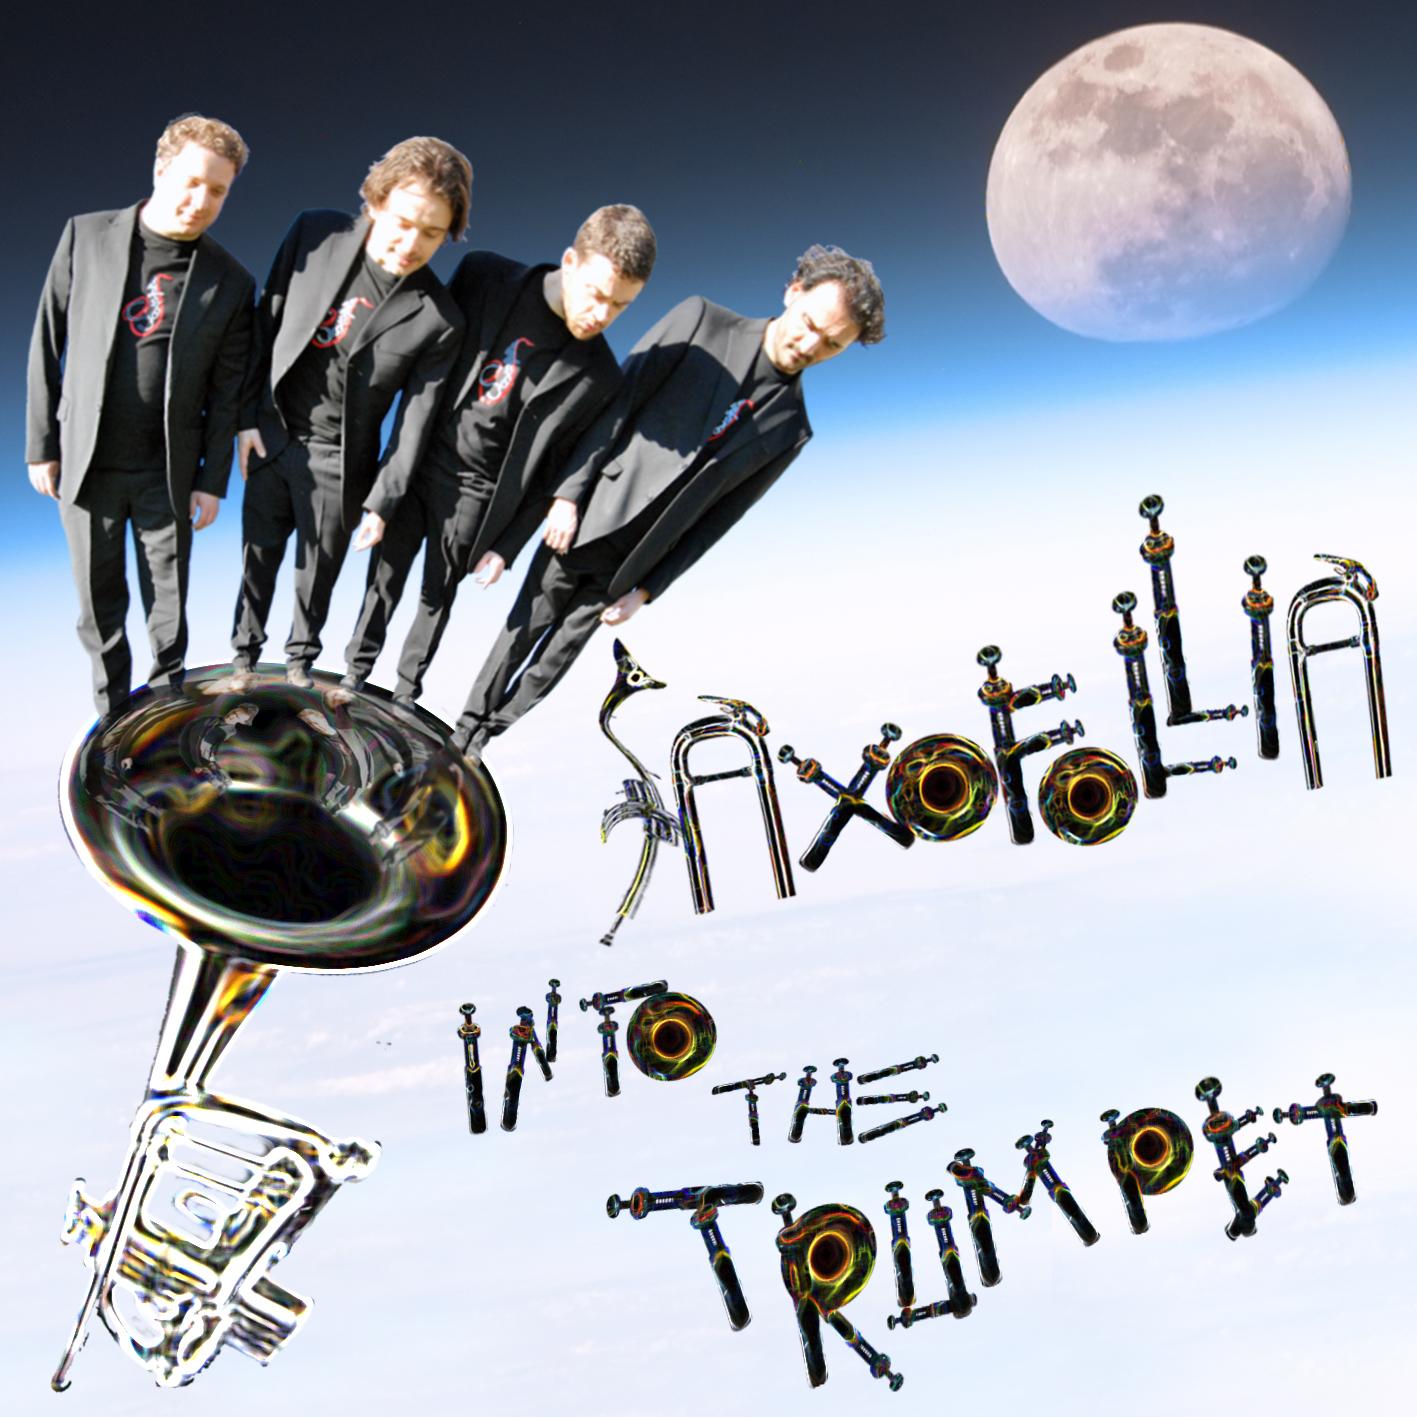 Saxofollia Into the trumpet.jpg